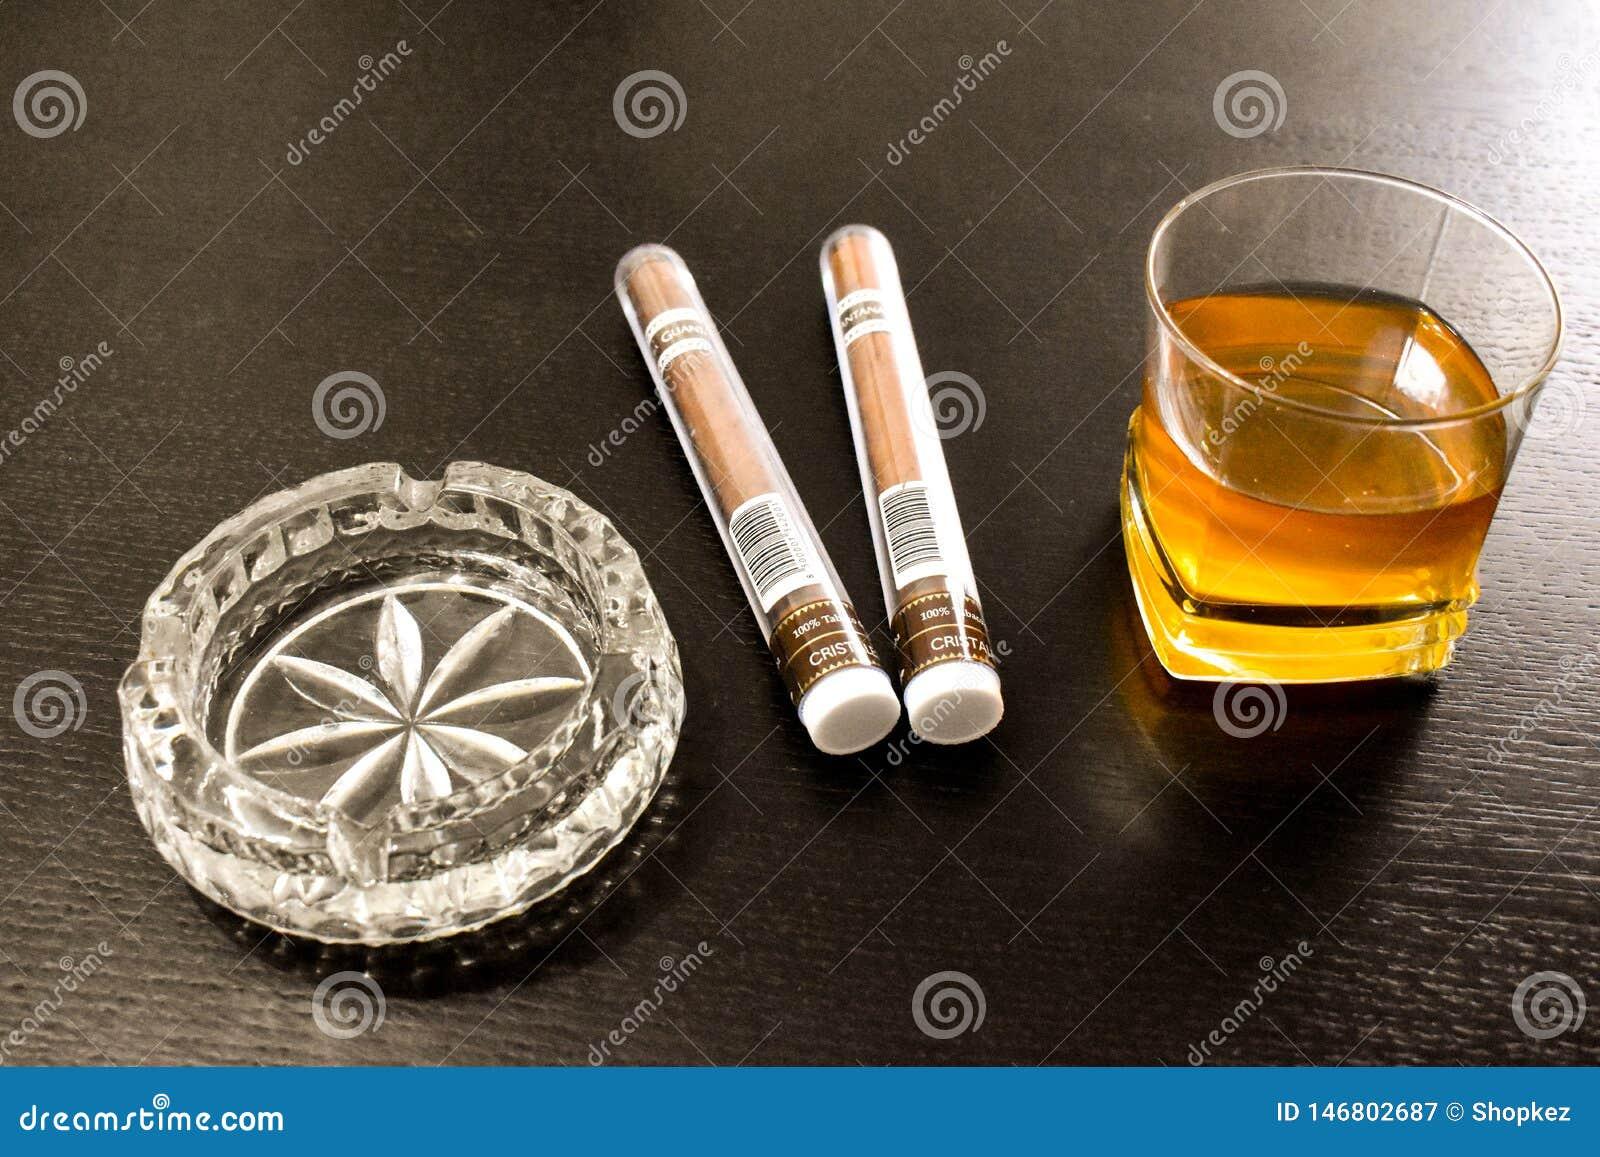 2 больших сигары, кристаллического ashtray и стекло вискиа на черной таблице Бухарест, Румыния - 03 04 2019